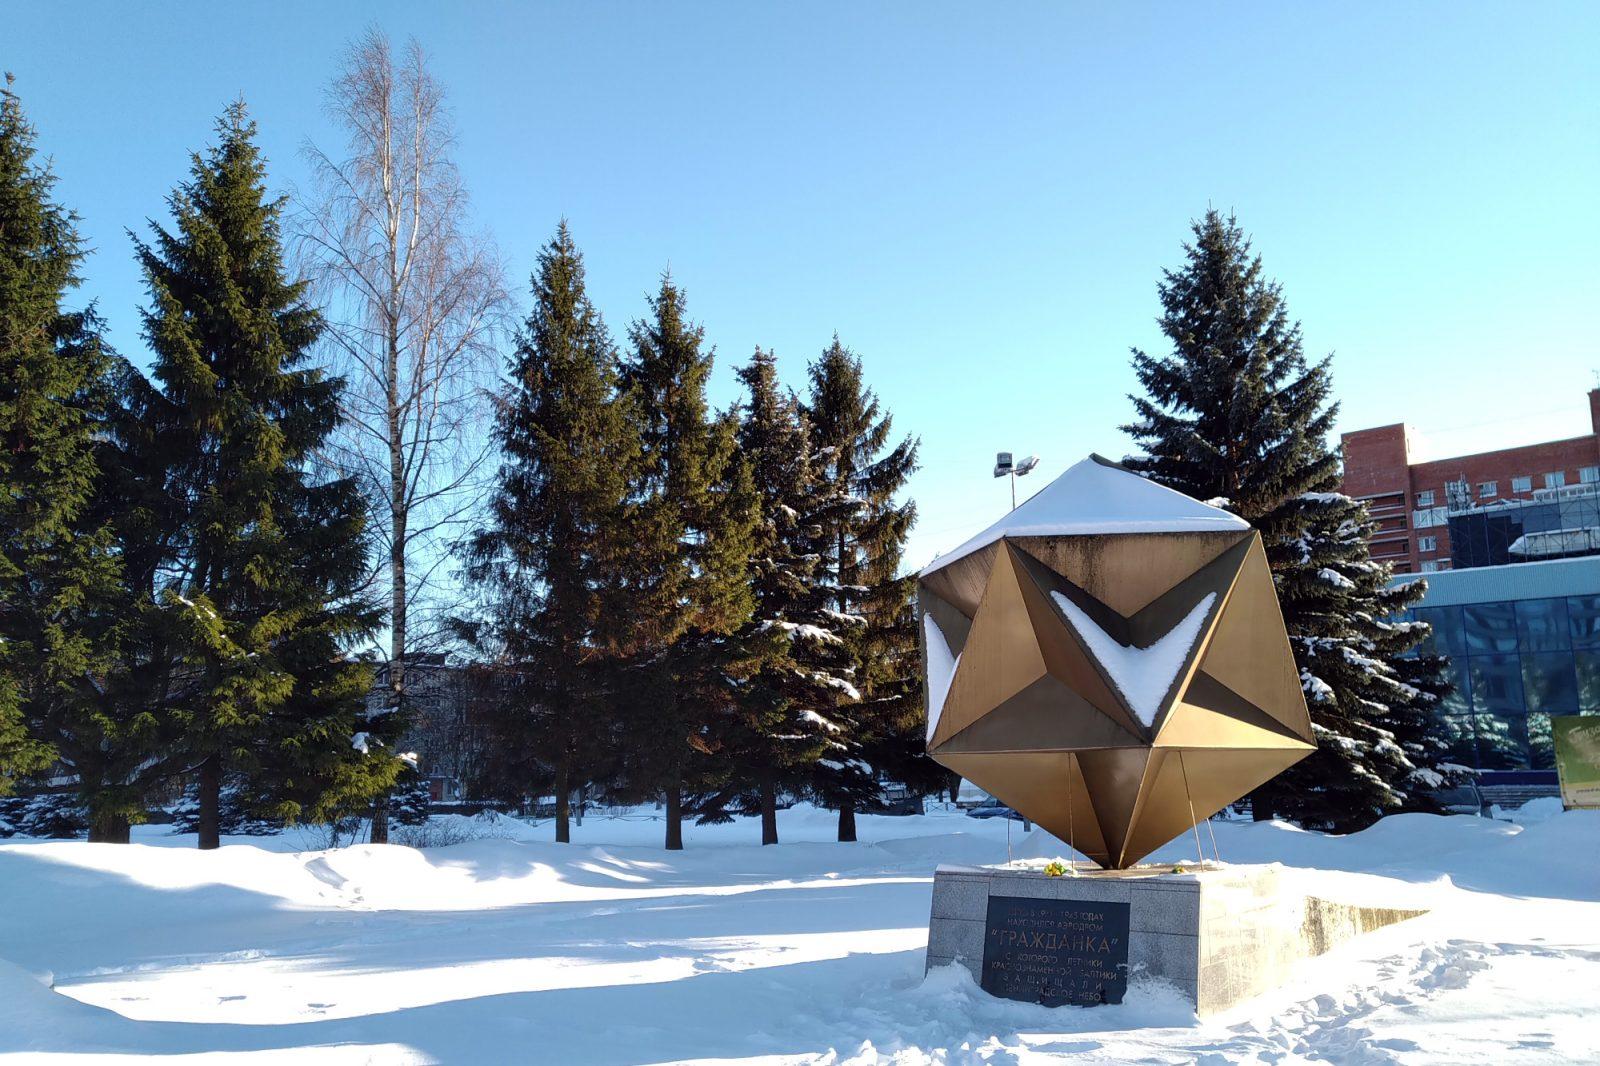 памятник лётчикам Балтики проспект Науки